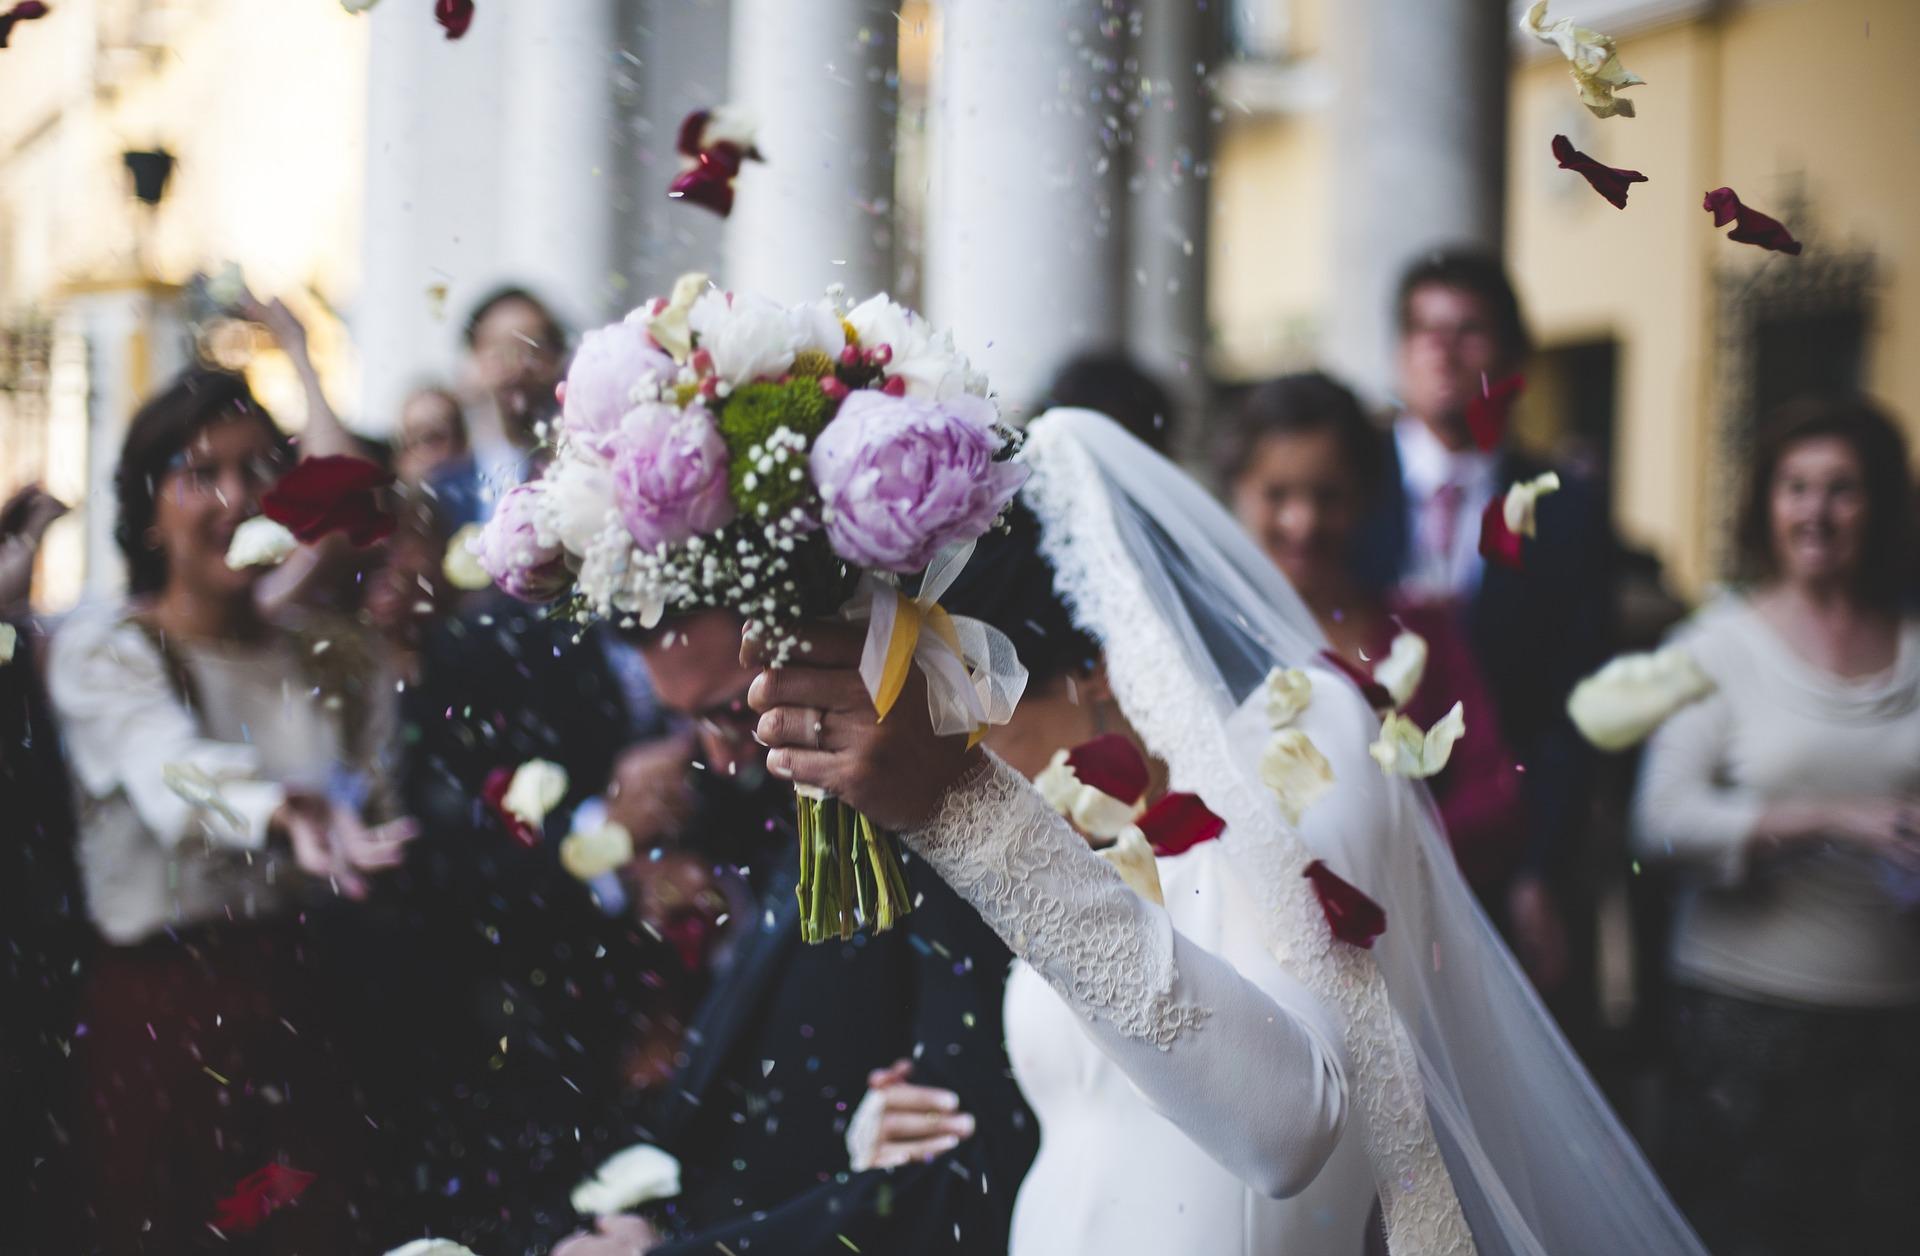 Koho pozvat na svatbu a koho už ne?